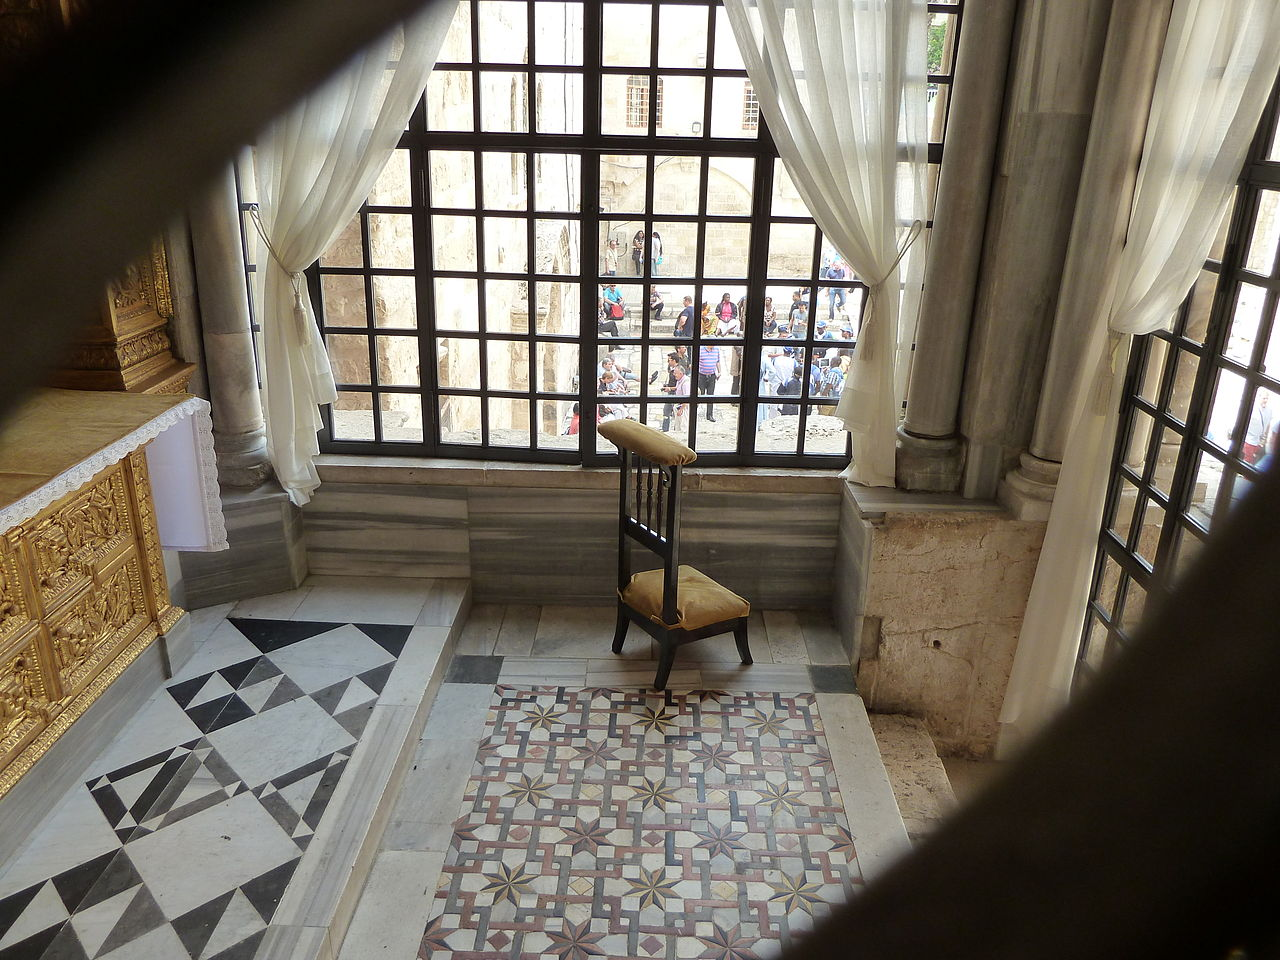 Der Vorhof - parvis der Grabeskirche - Sehenwürdigkeit in Israel - vergrößerbar